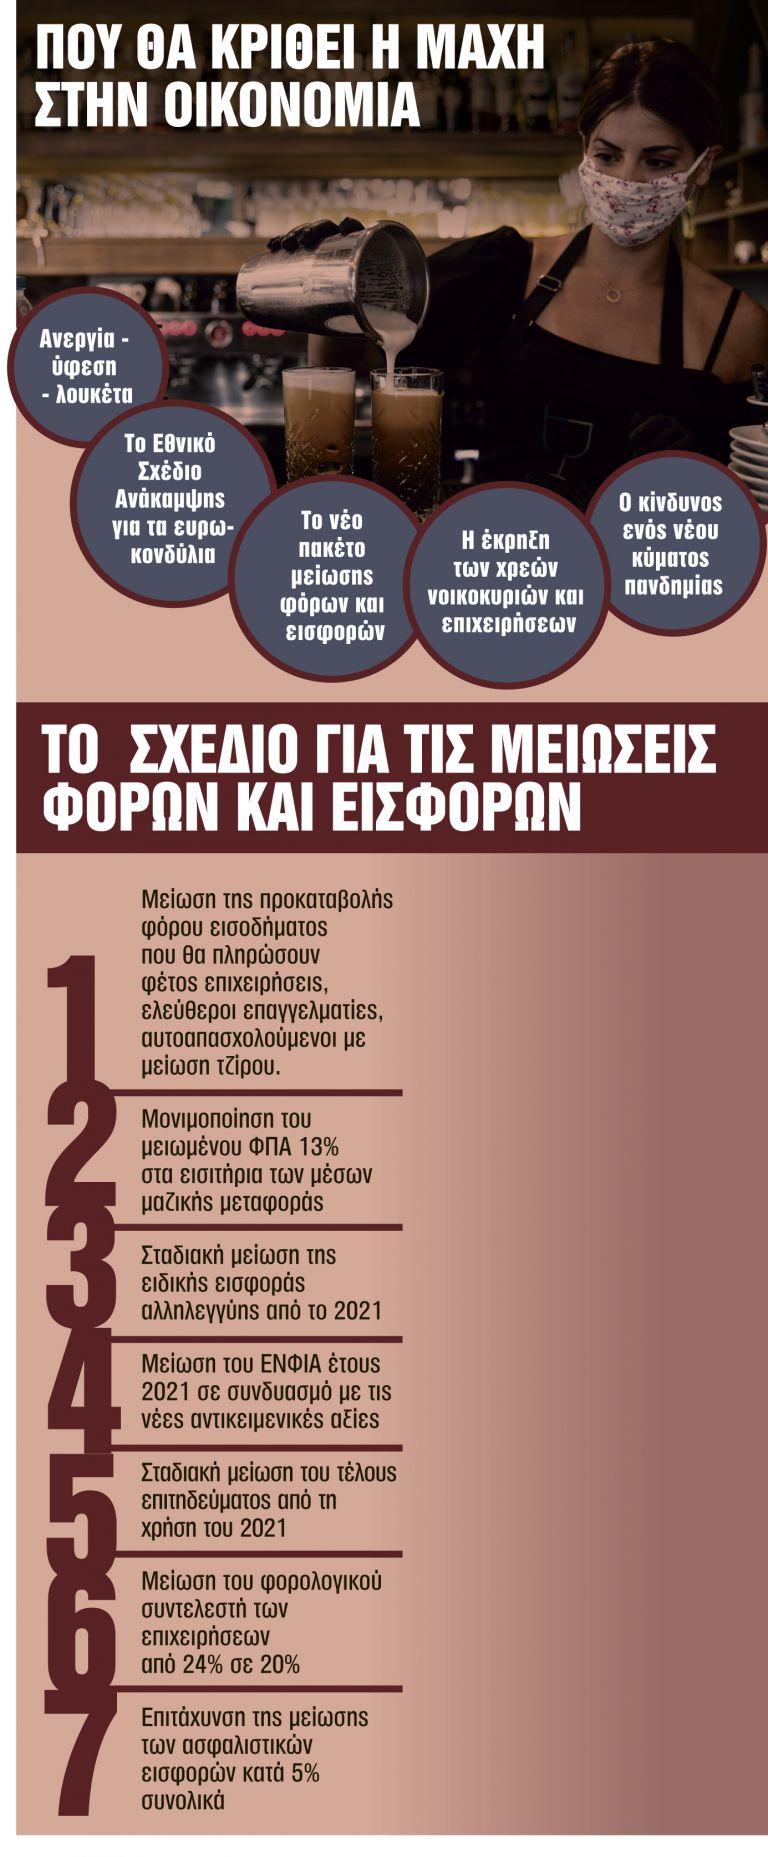 Τα πέντε μέτωπα της κυβέρνησης | tanea.gr